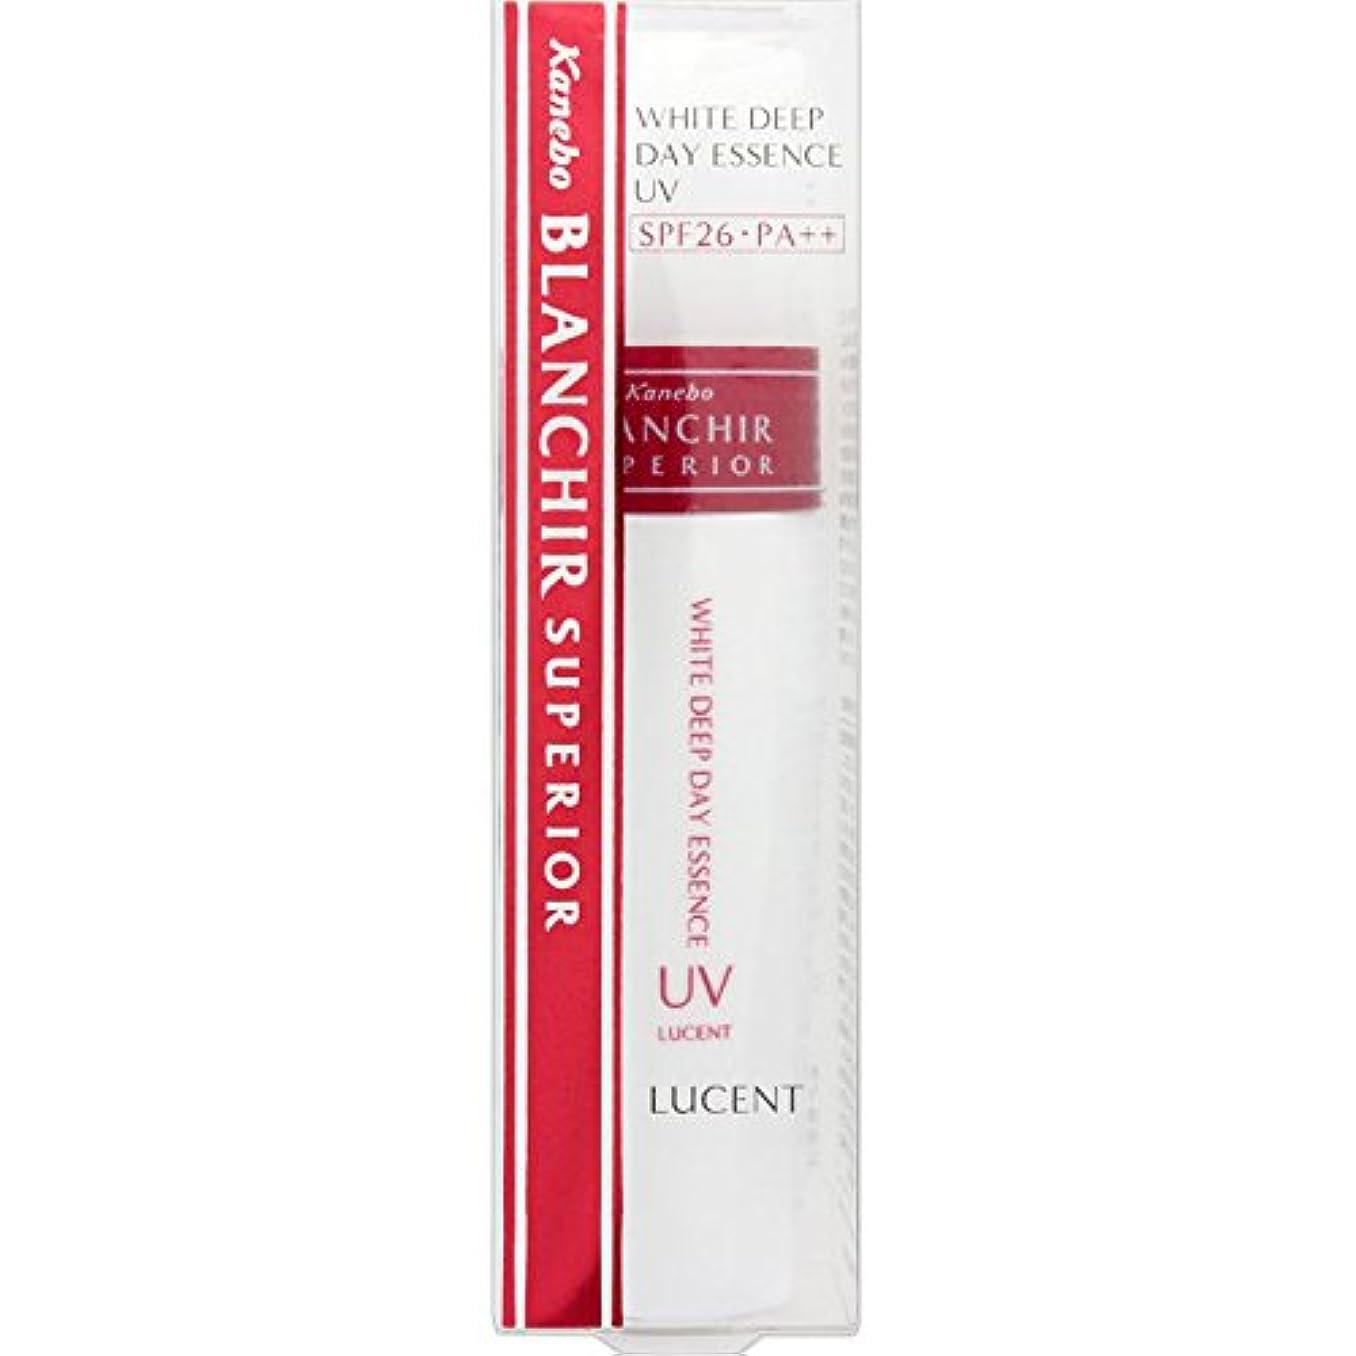 ストラップ試してみる満足できるカネボウ化粧品 ブランシールスペリア WTDPDエッセンスUV L(医薬部外品)